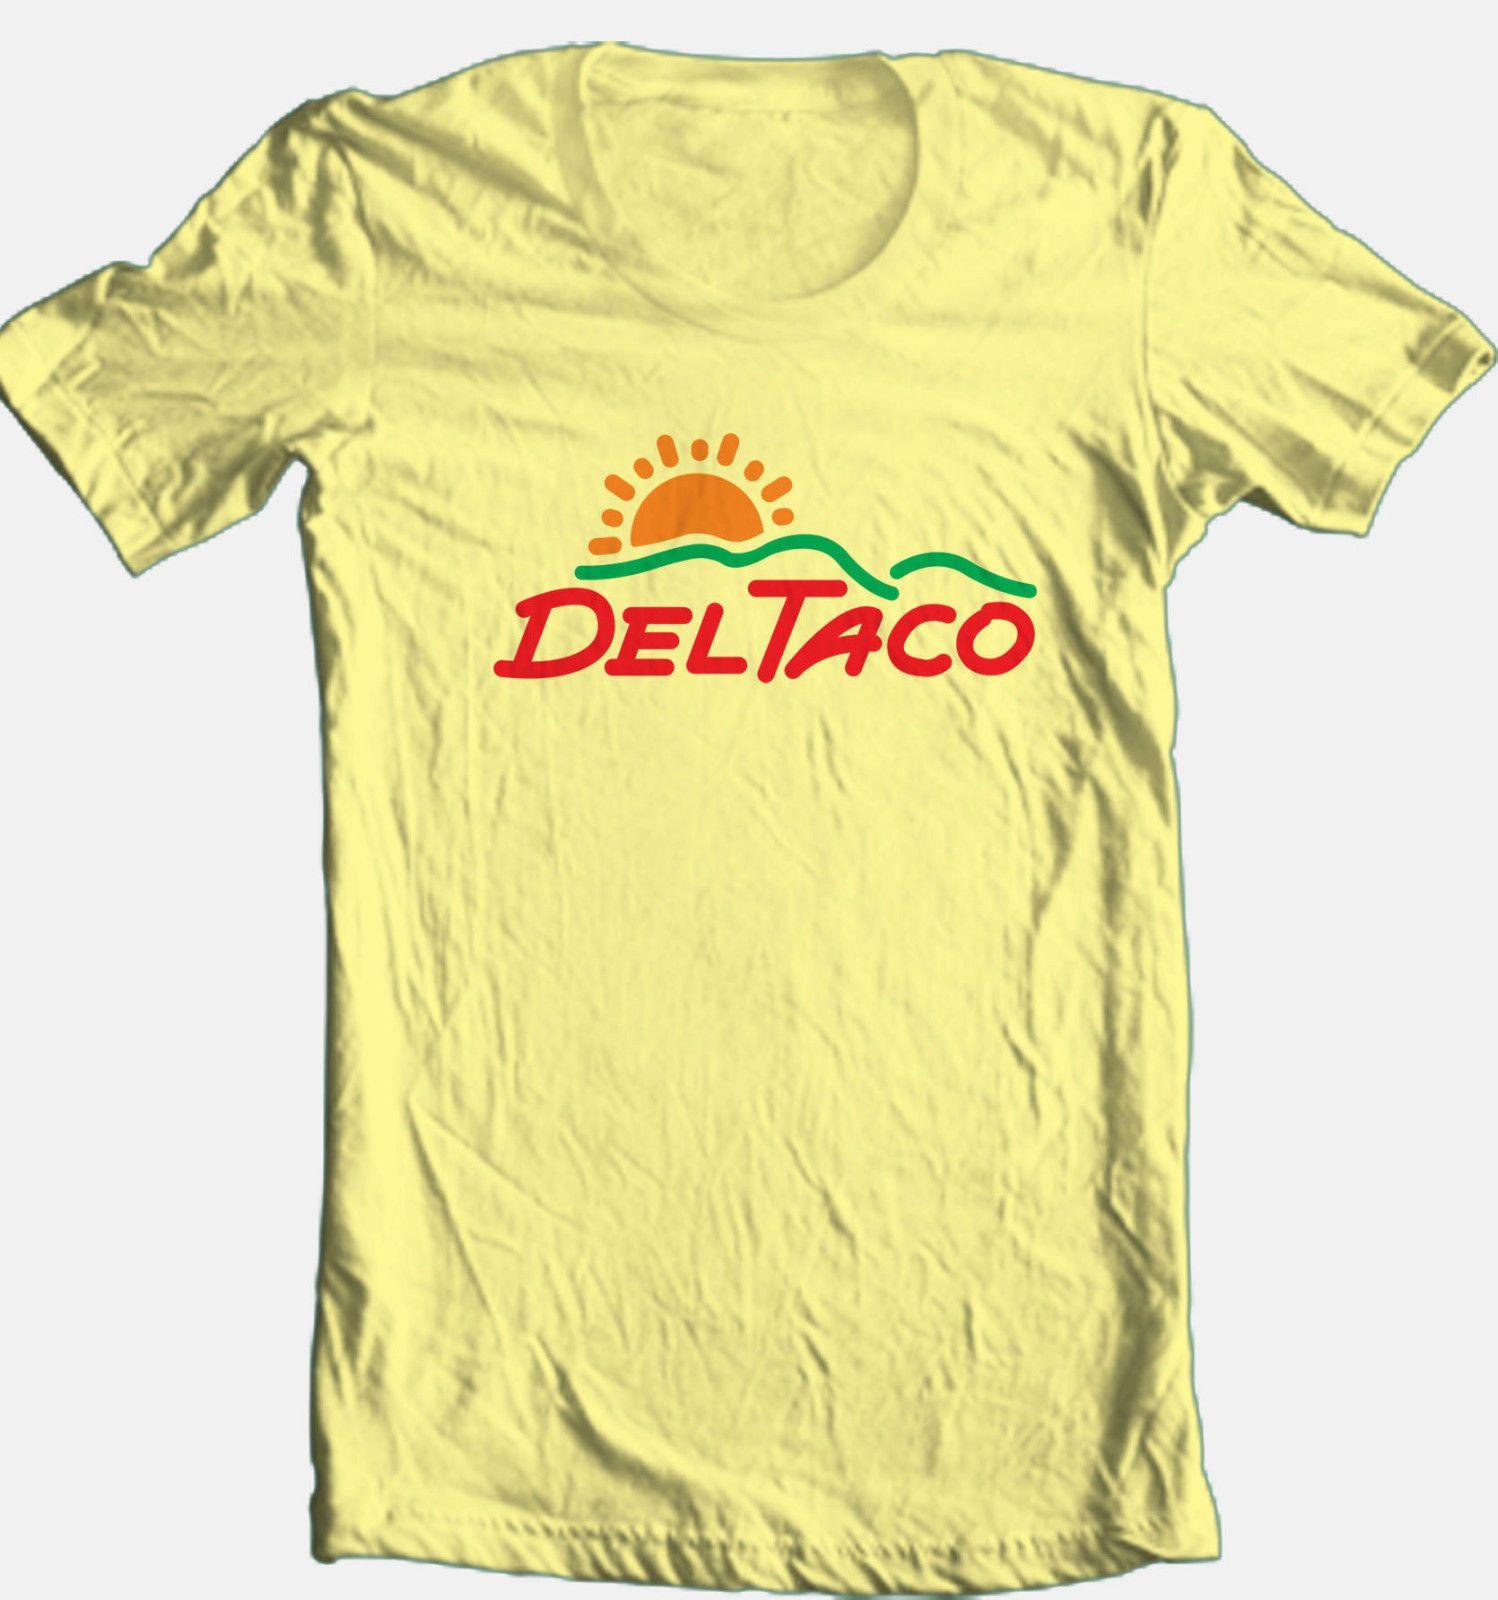 Del Taco T shirt cool retro 70's 80's fast food Mexican